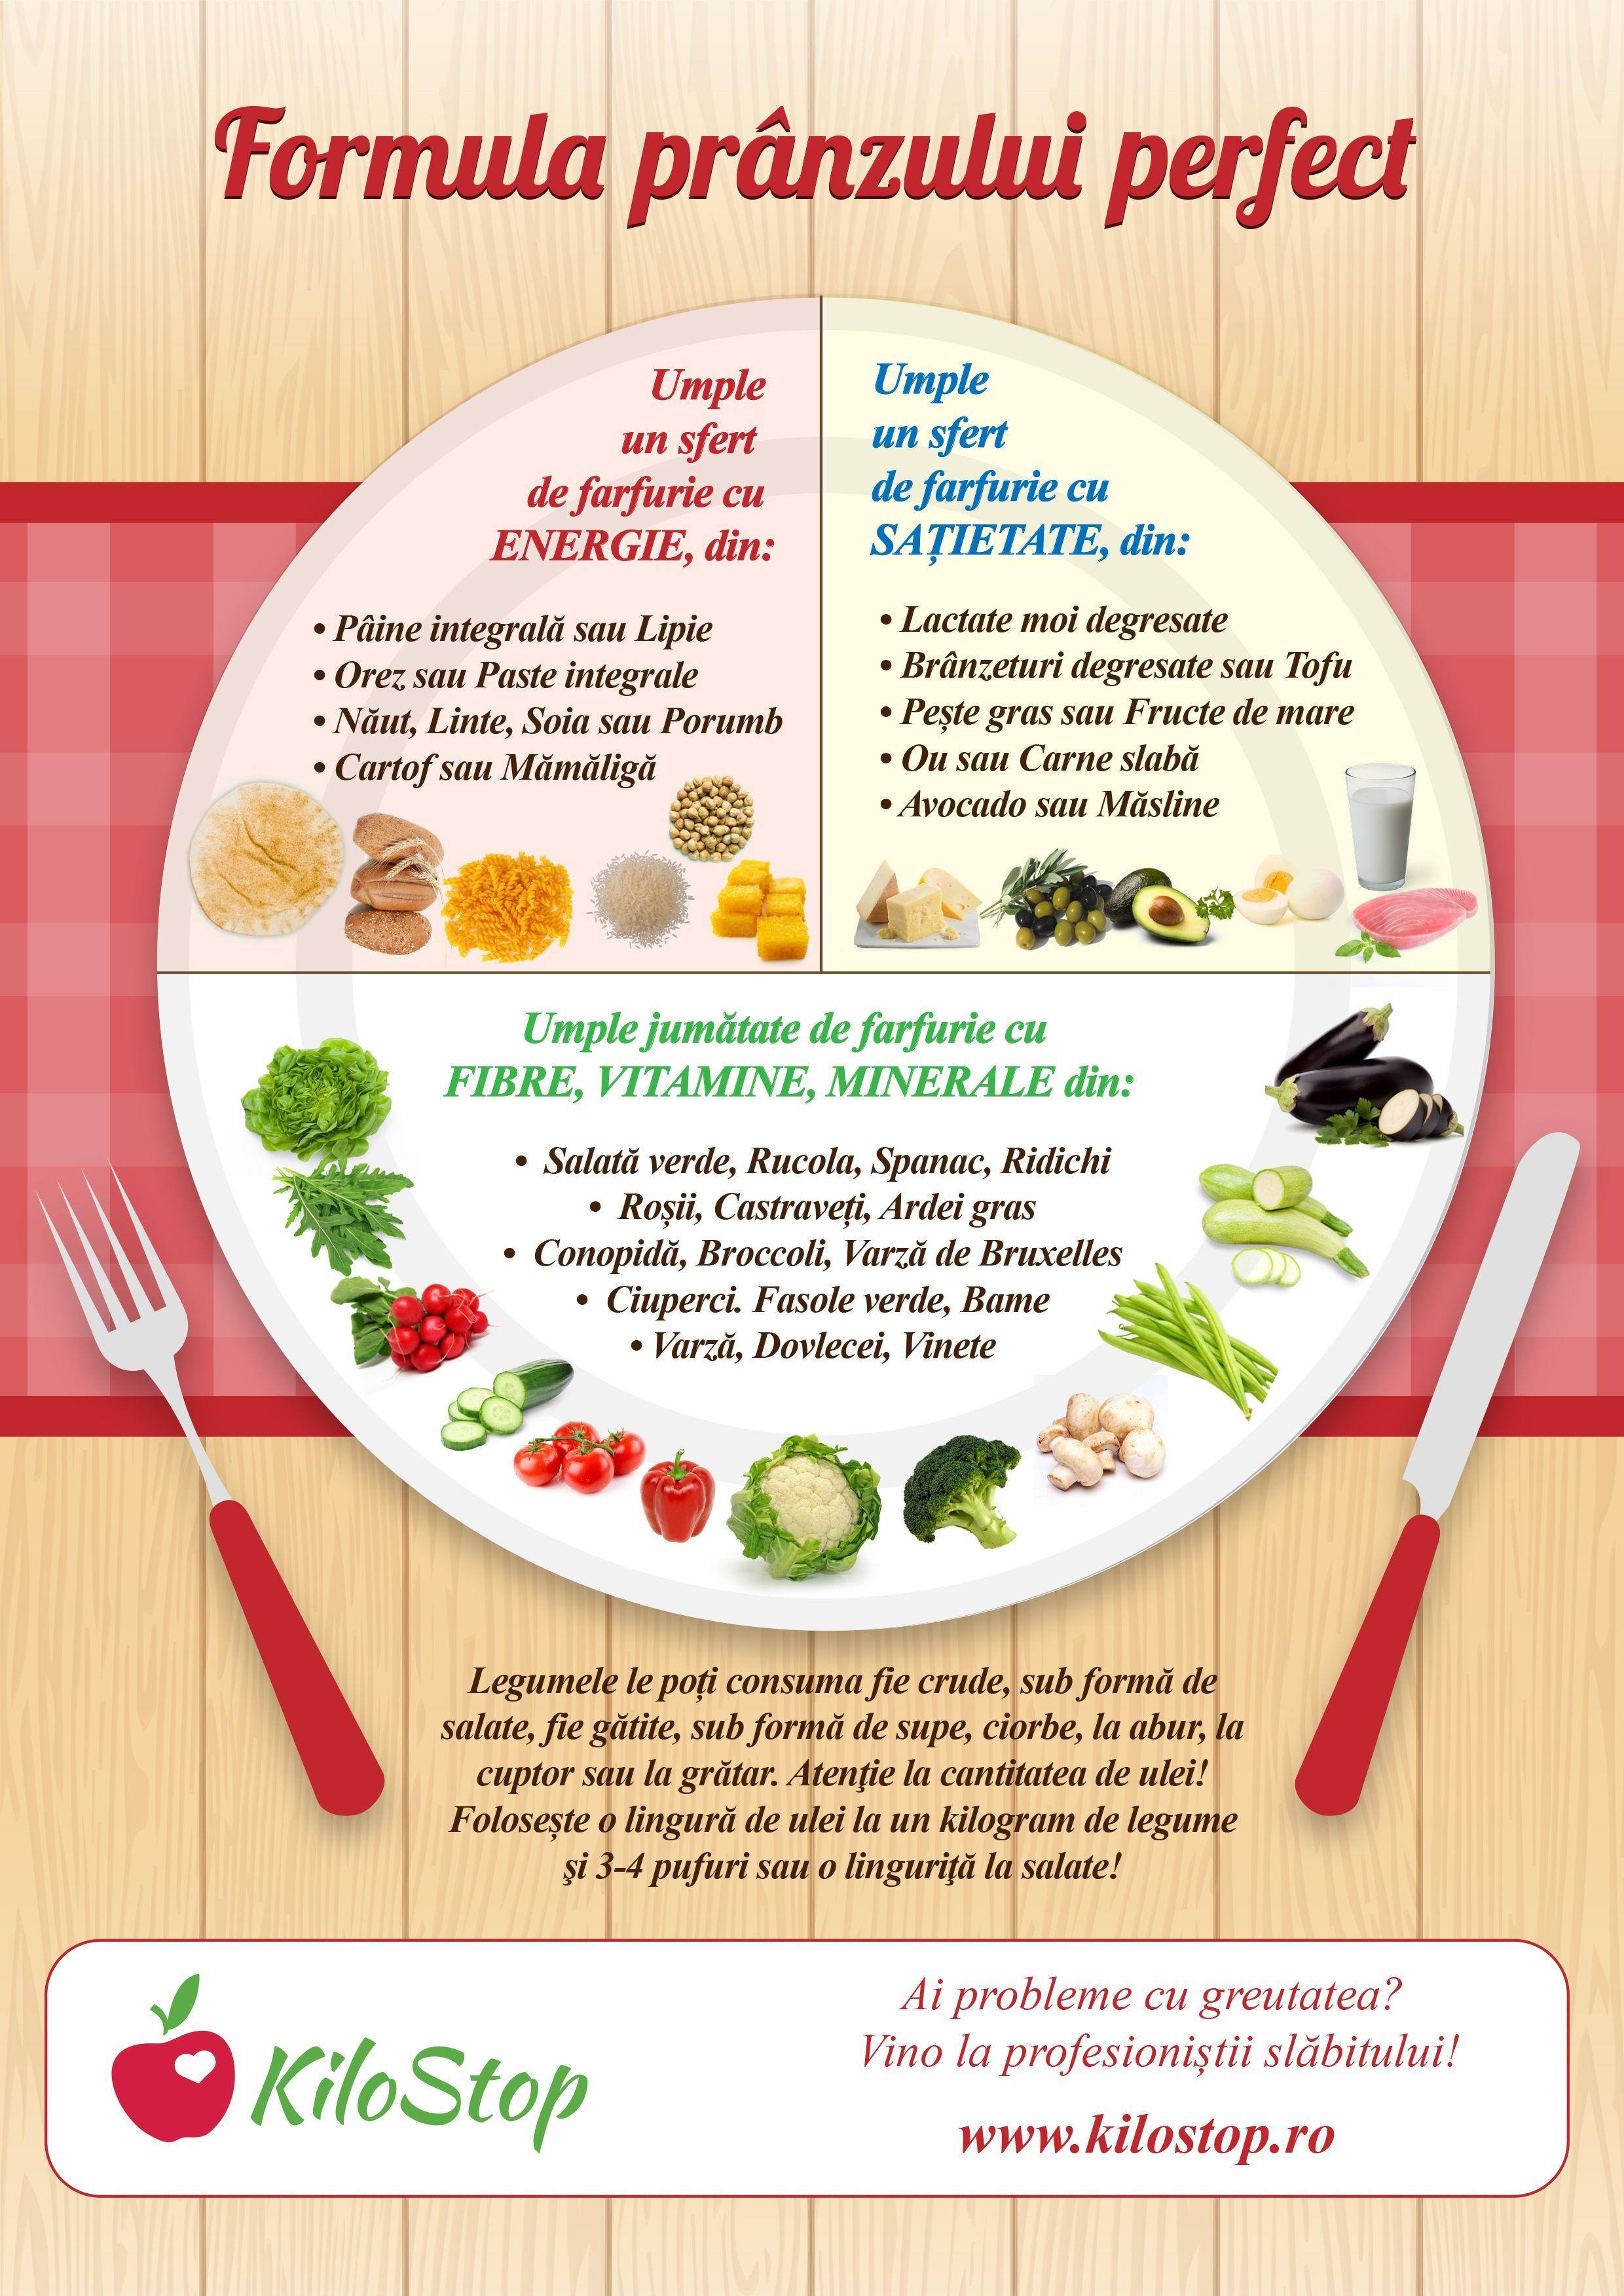 rs pierdere în greutate nu poate slăbi în jurul șoldurilor